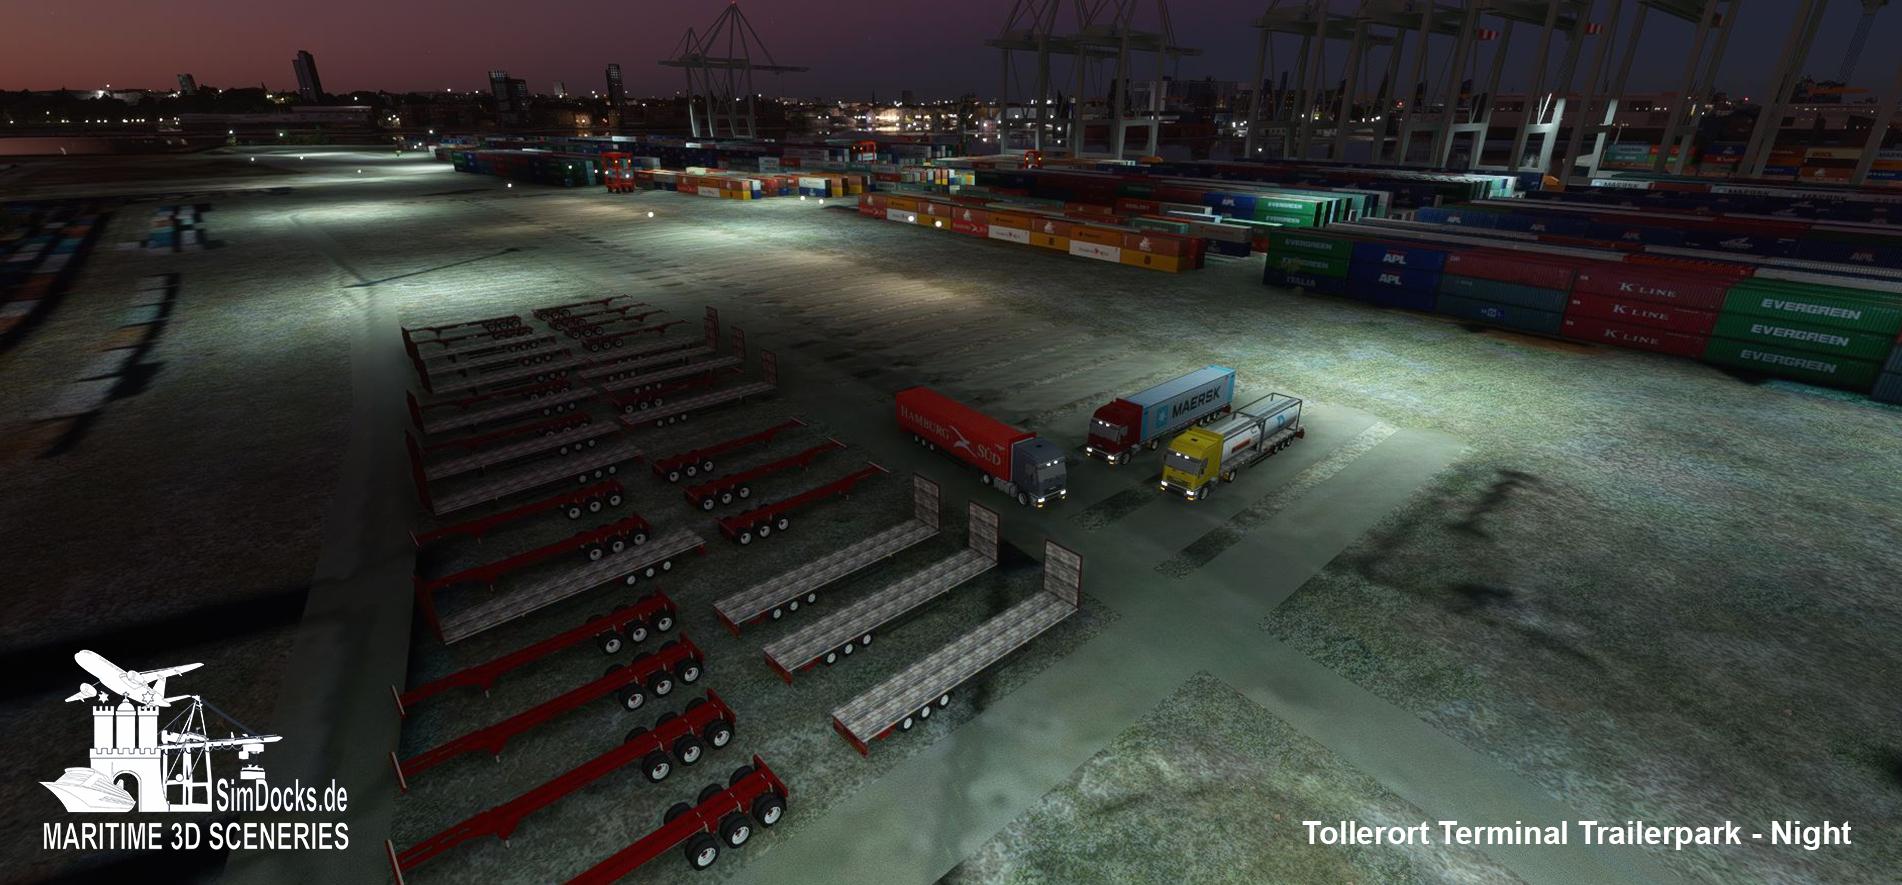 Bild15_Terminal_Tollerort_Trailerpark_Nacht.JPG